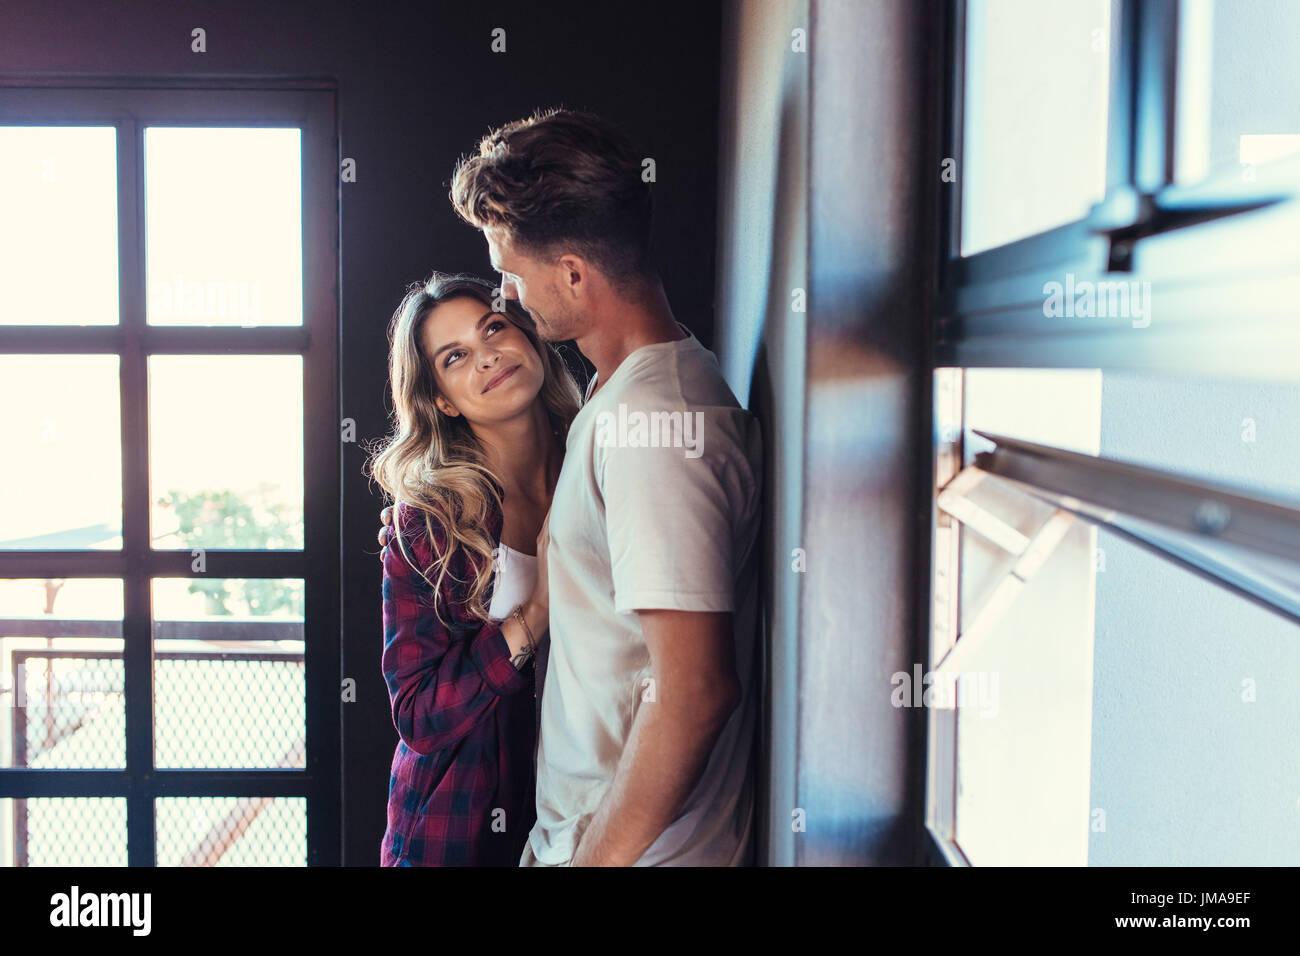 Retrato de la romántica pareja joven mirando el uno al otro. El hombre y la mujer en el amor parados juntos en interiores. Imagen De Stock